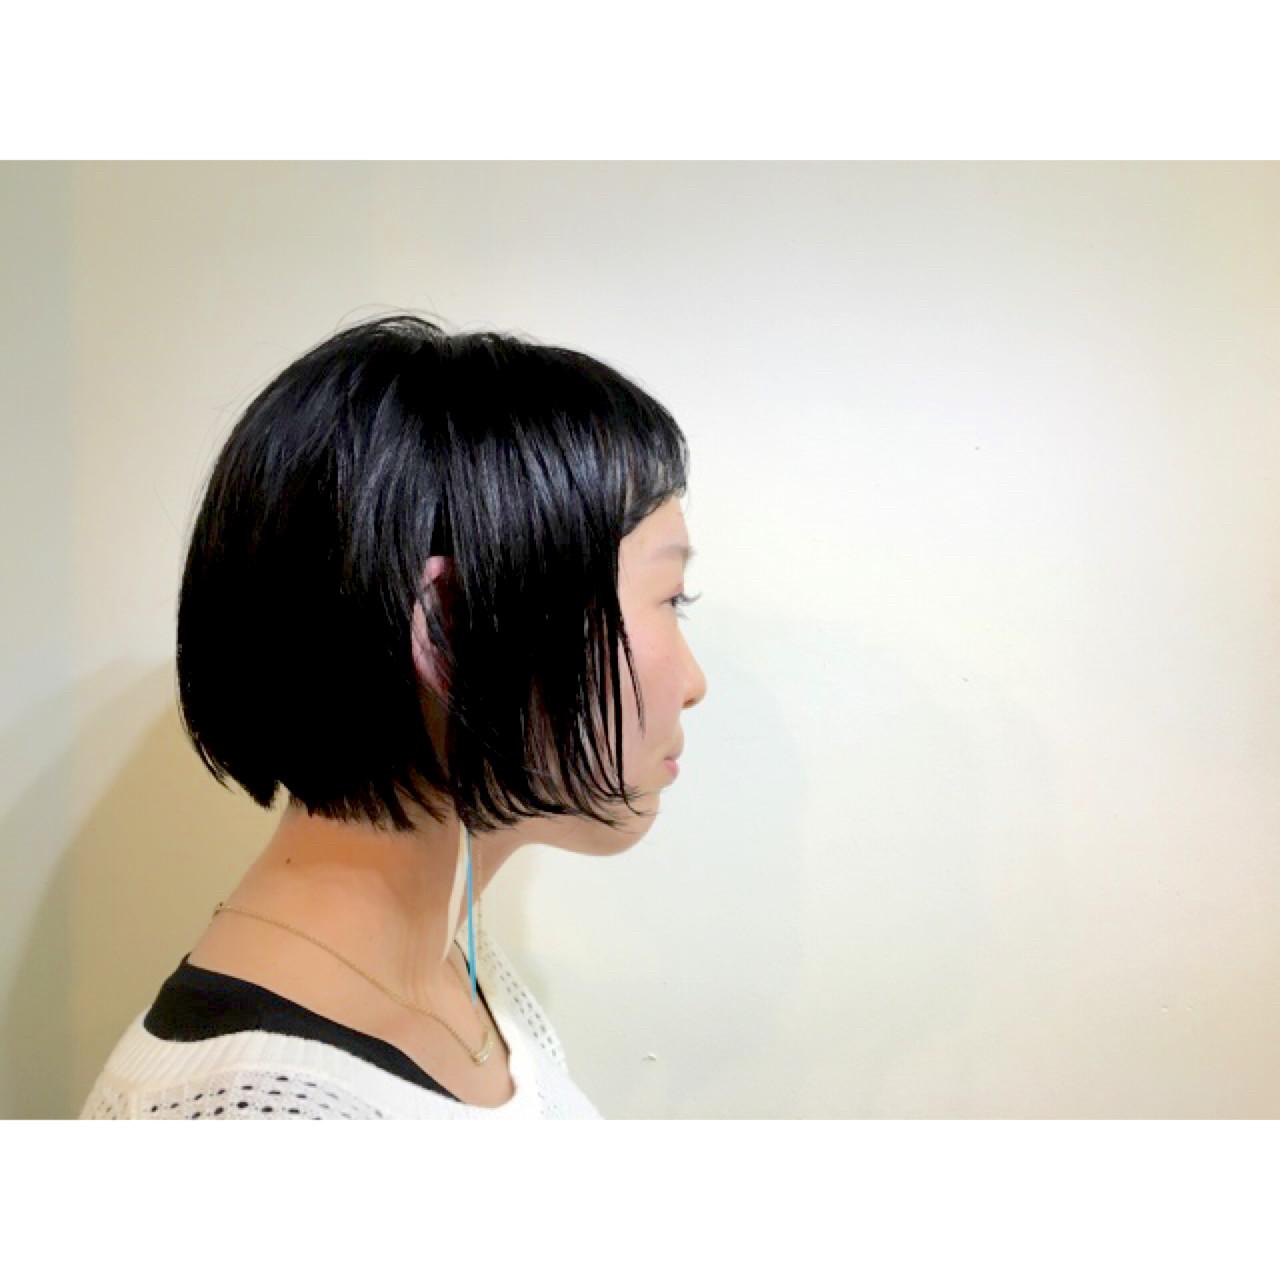 ナチュラル 黒髪 前髪あり 耳かけ ヘアスタイルや髪型の写真・画像 | COM PASS 太一 / COM PASS